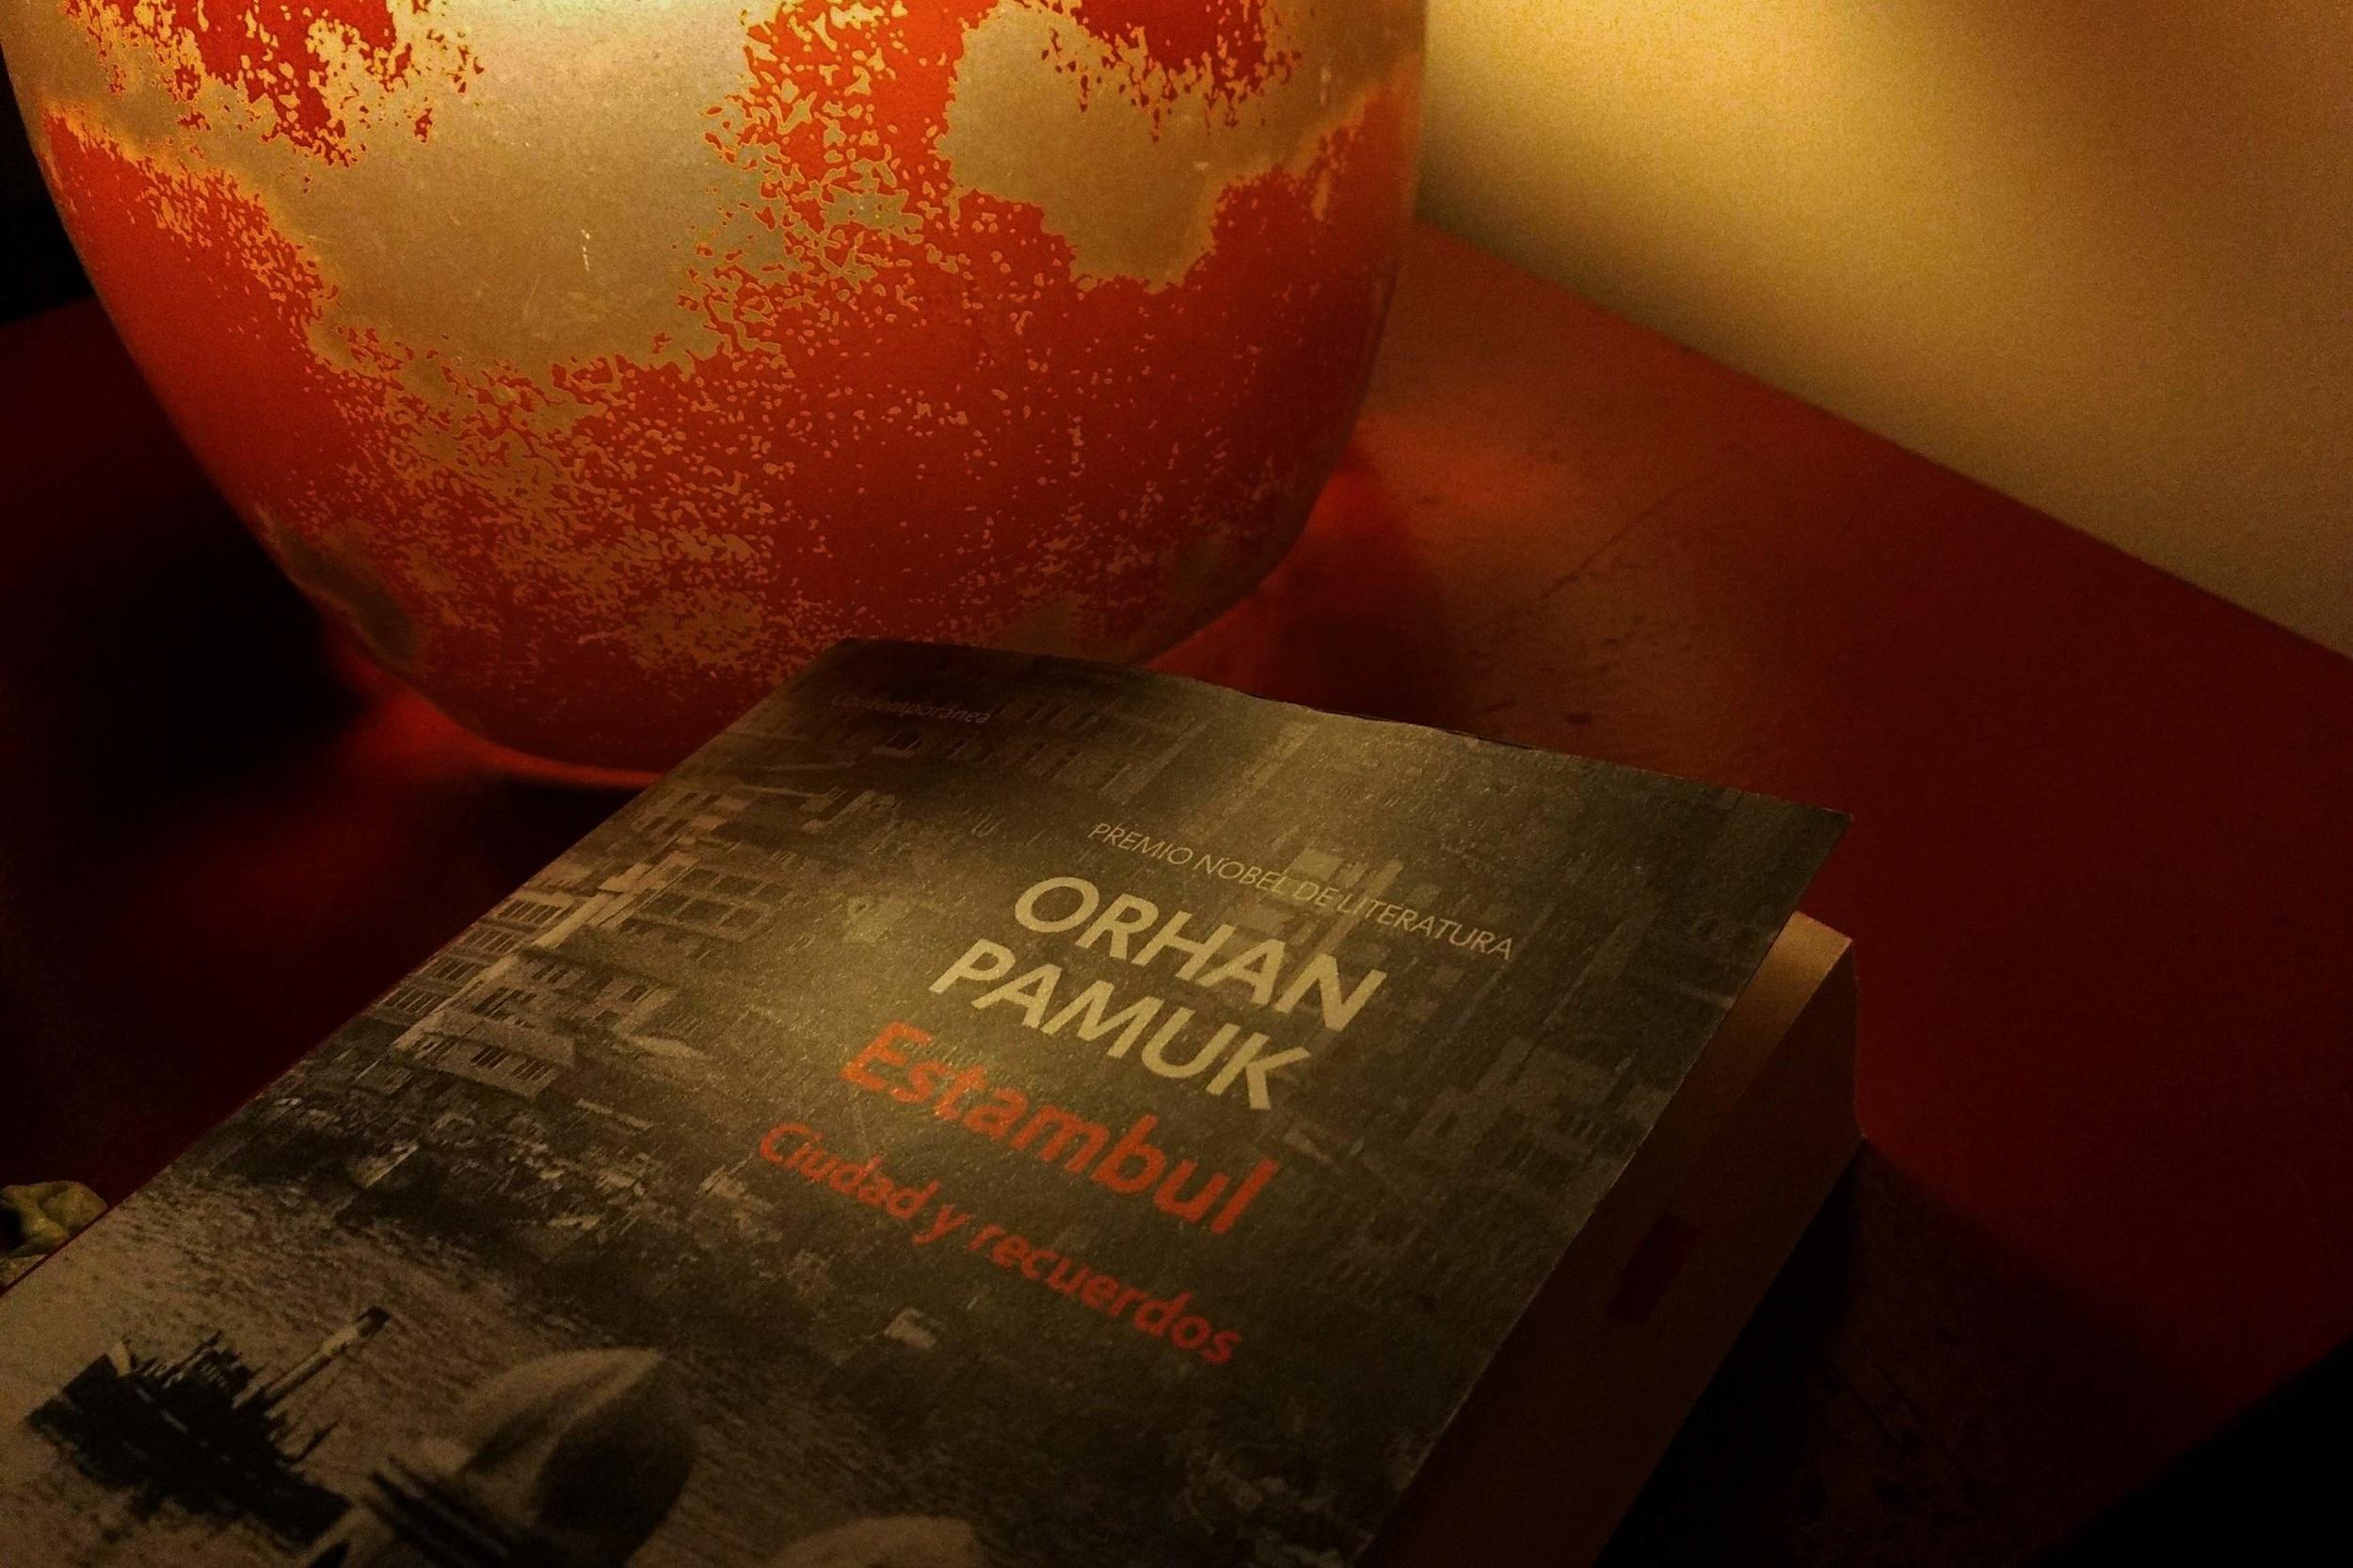 Reseña Estambul Ciudad Y Recuerdos Orhan Pamuk Video